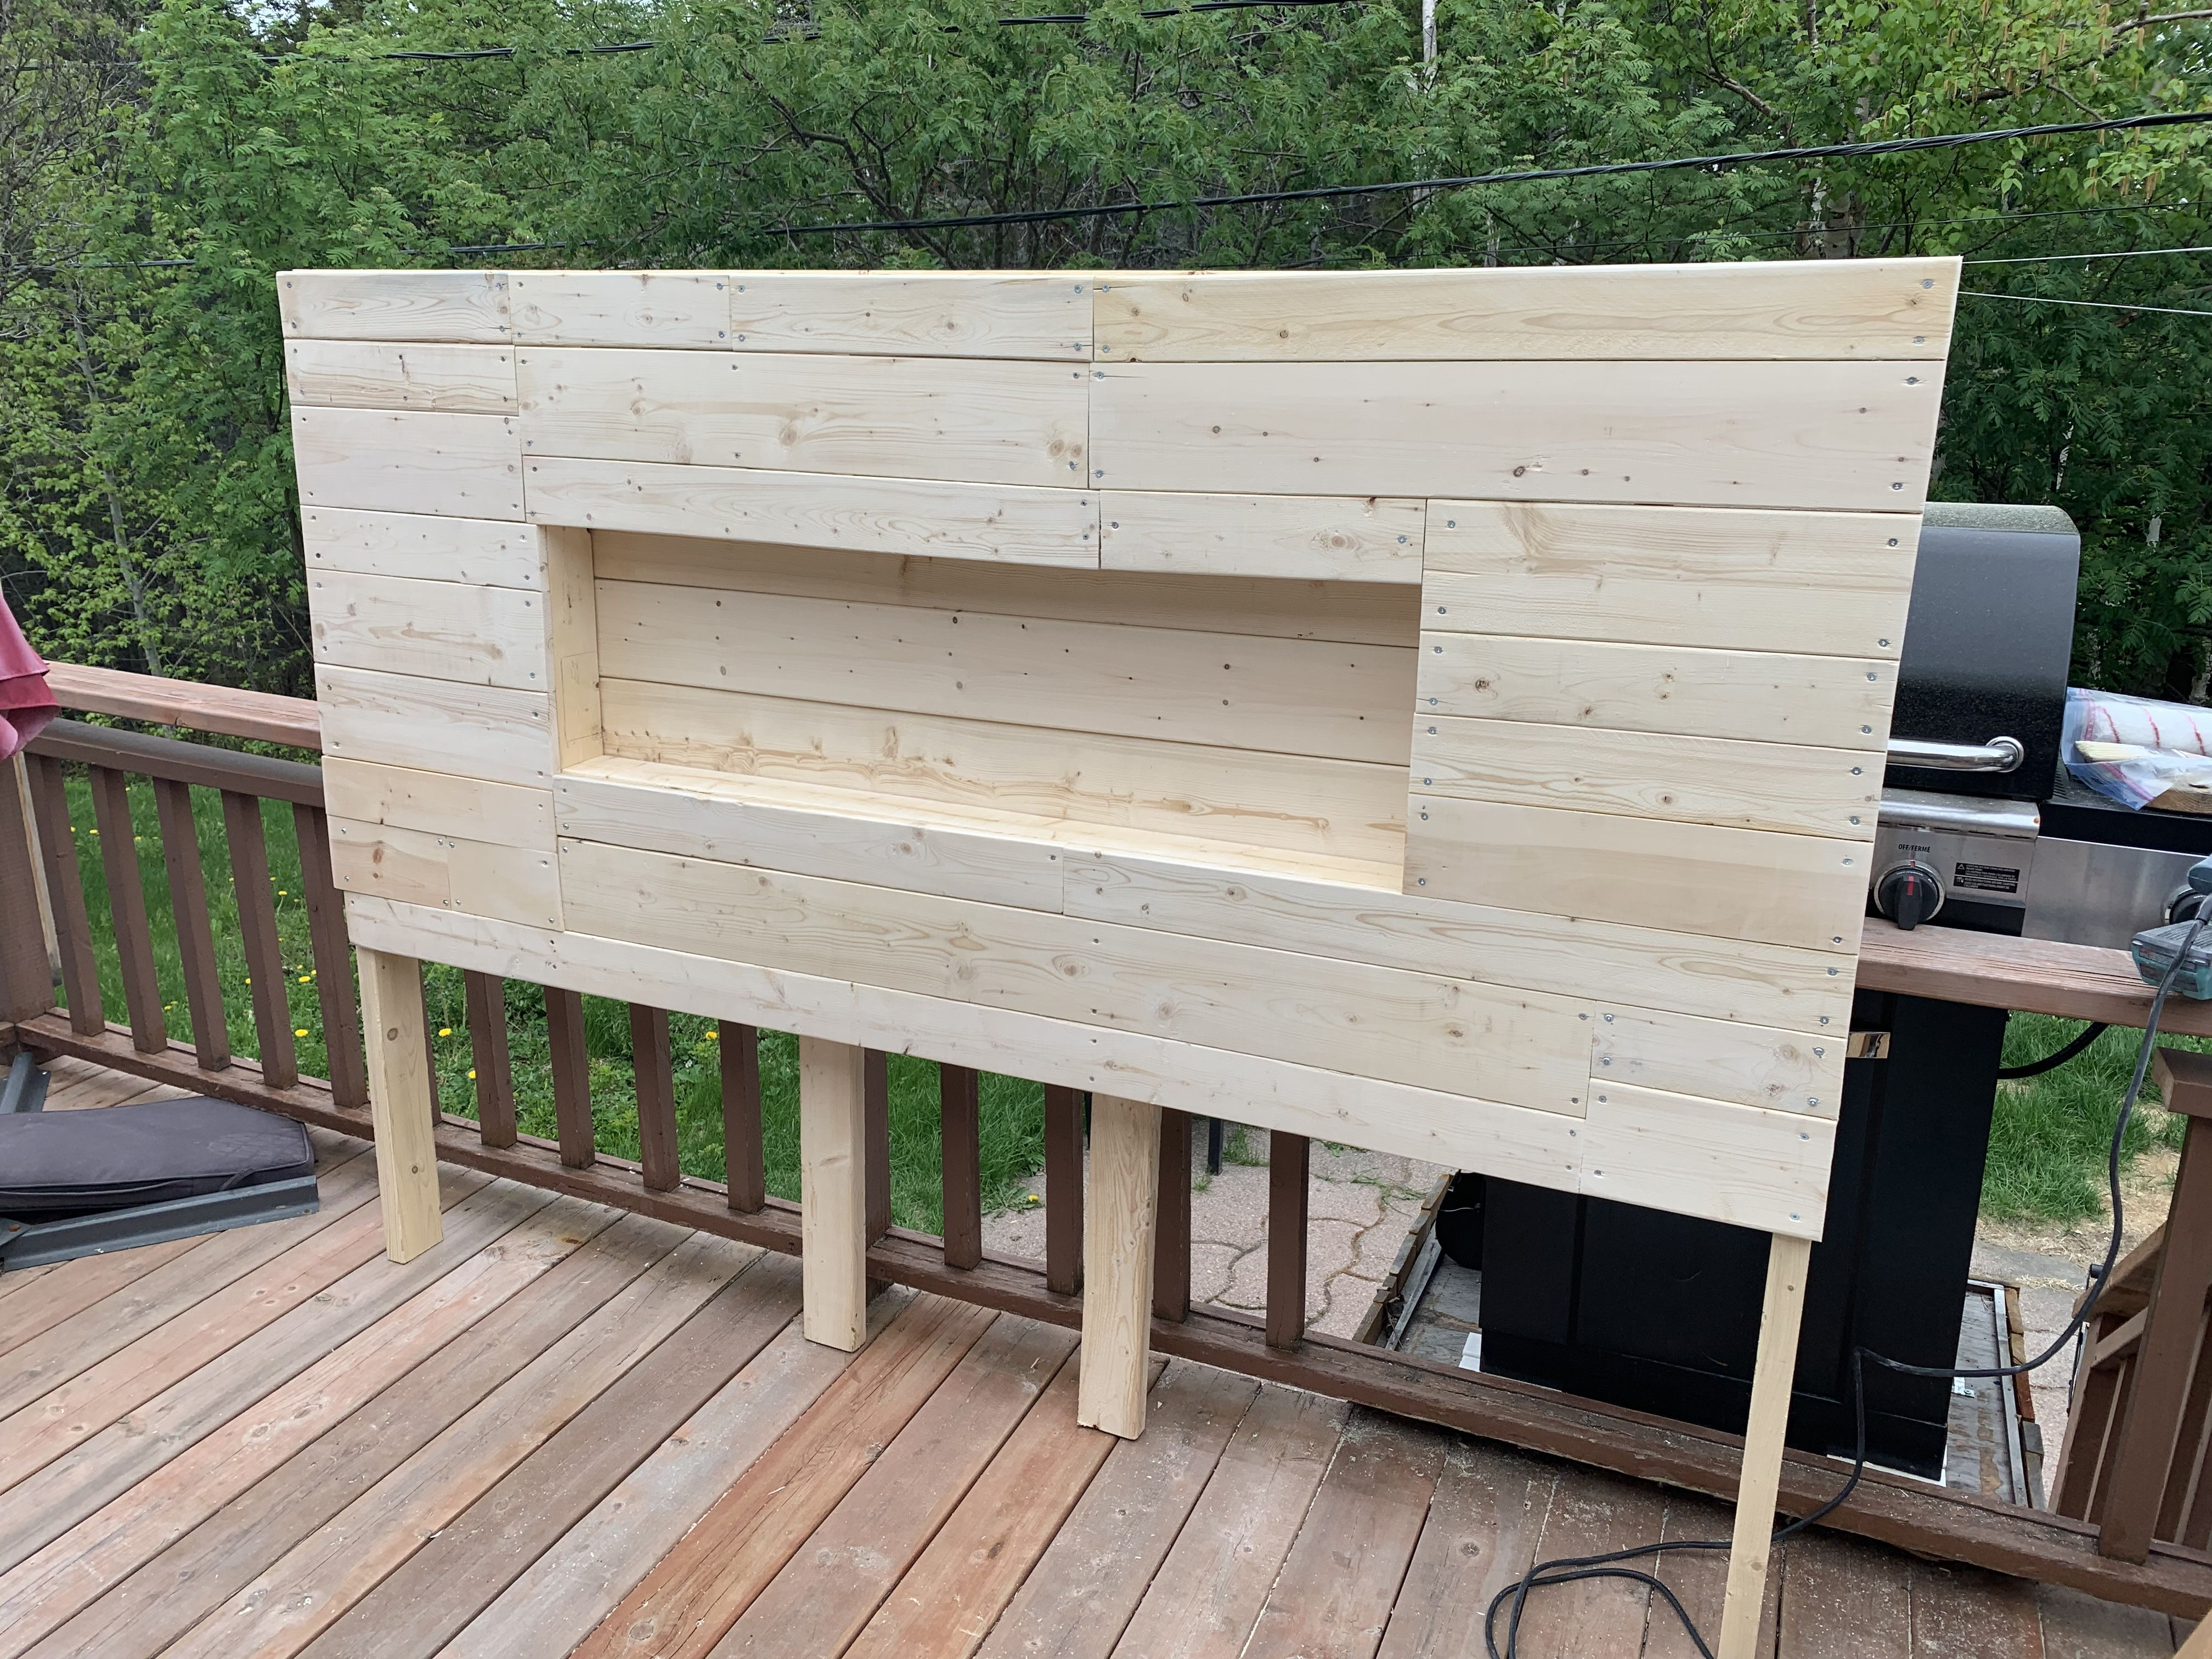 DIY Pine Headboard - King Size Bed | King headboard, King ...